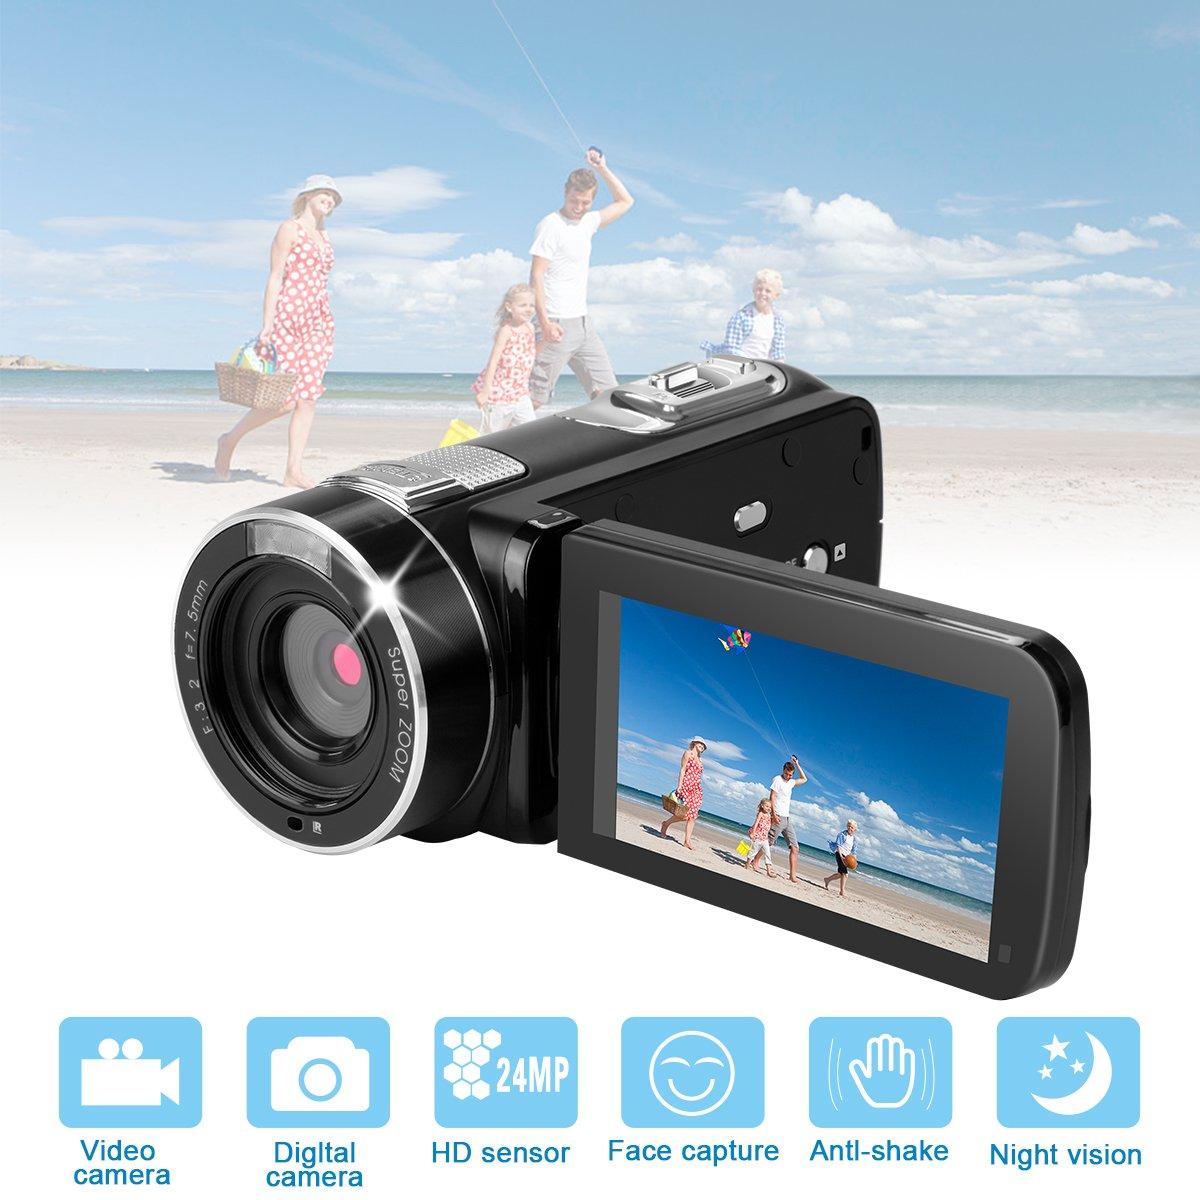 HD Digital Video Recorder Camera Camcorder,24MP 1080P Full HD Digital Video Camera 18X Zoom with Remote Control